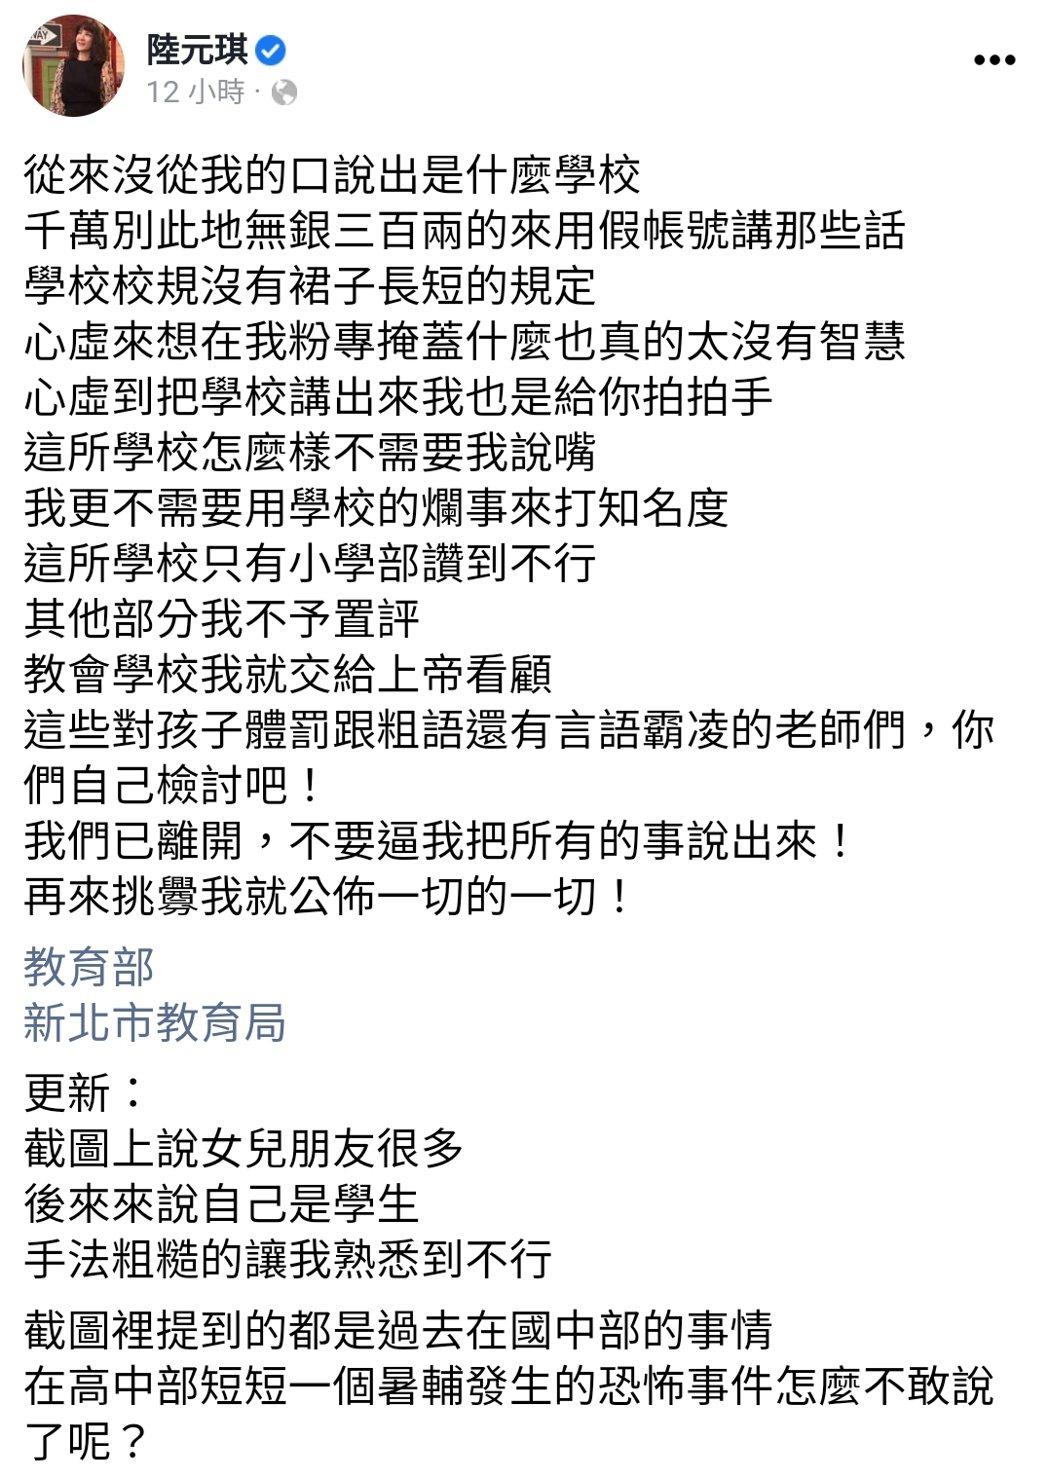 陸元琪反擊網友留言。 圖/擷自陸元琪臉書